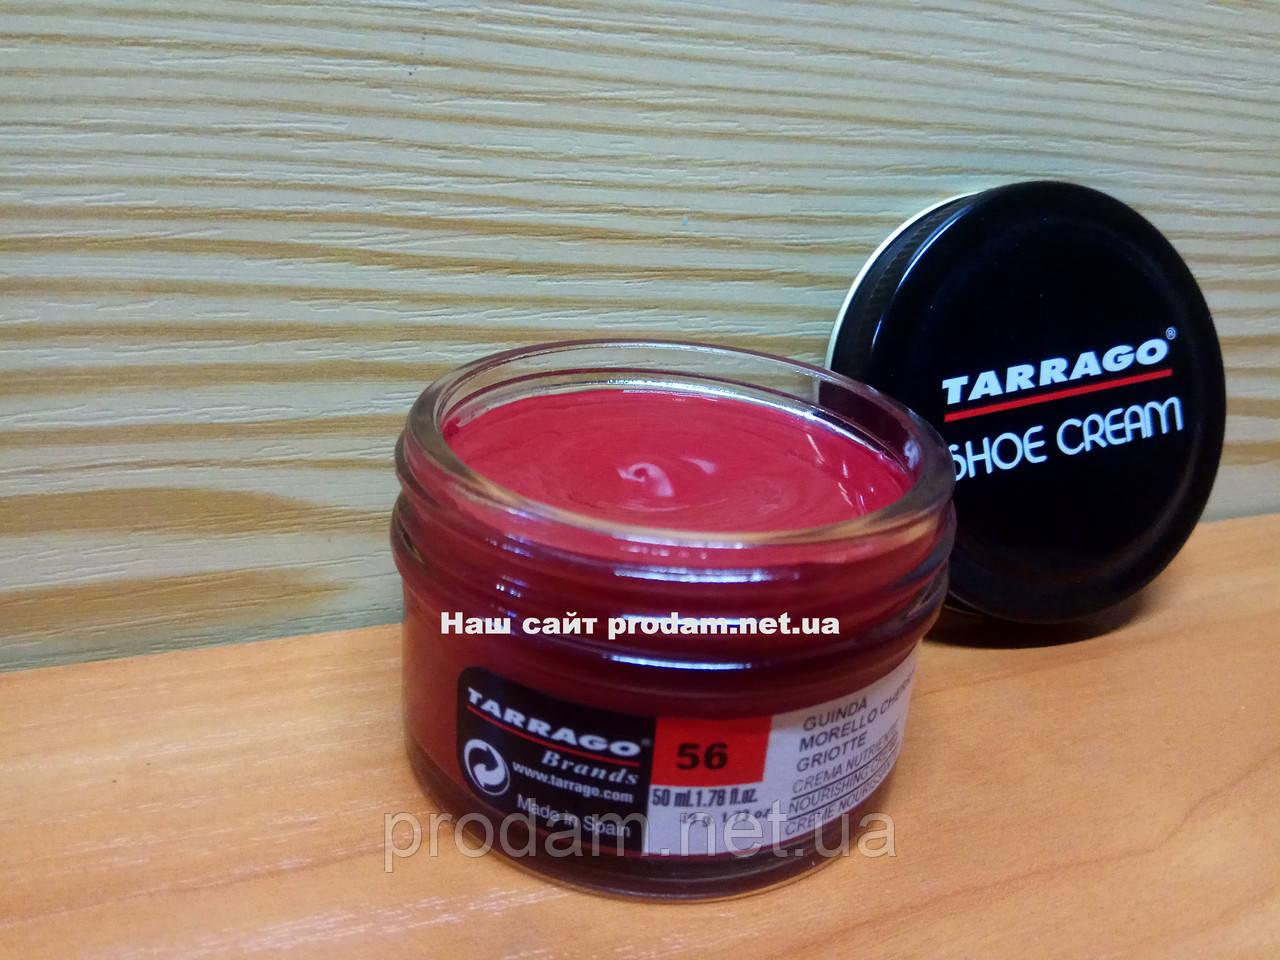 Крем для взуття Tarrago 50 мл колір темно вишневий